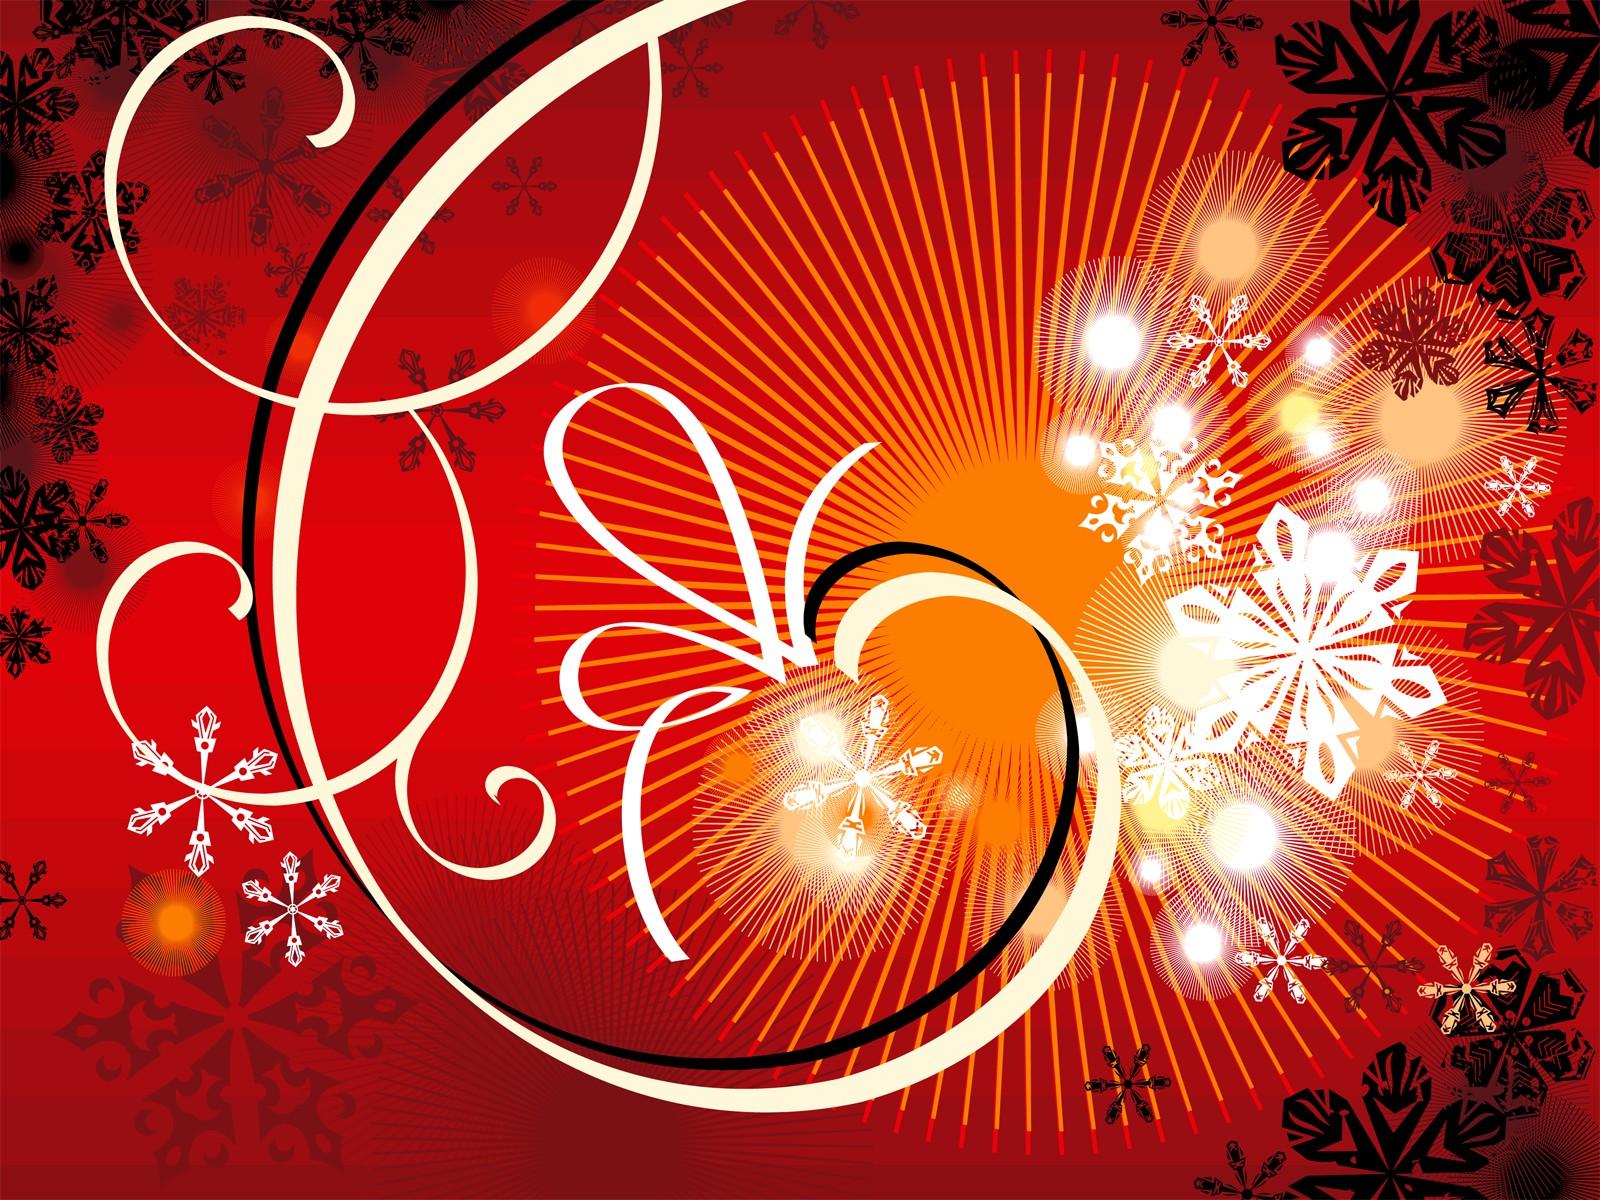 壁紙1600×1200圣誕節簡約線條圖案